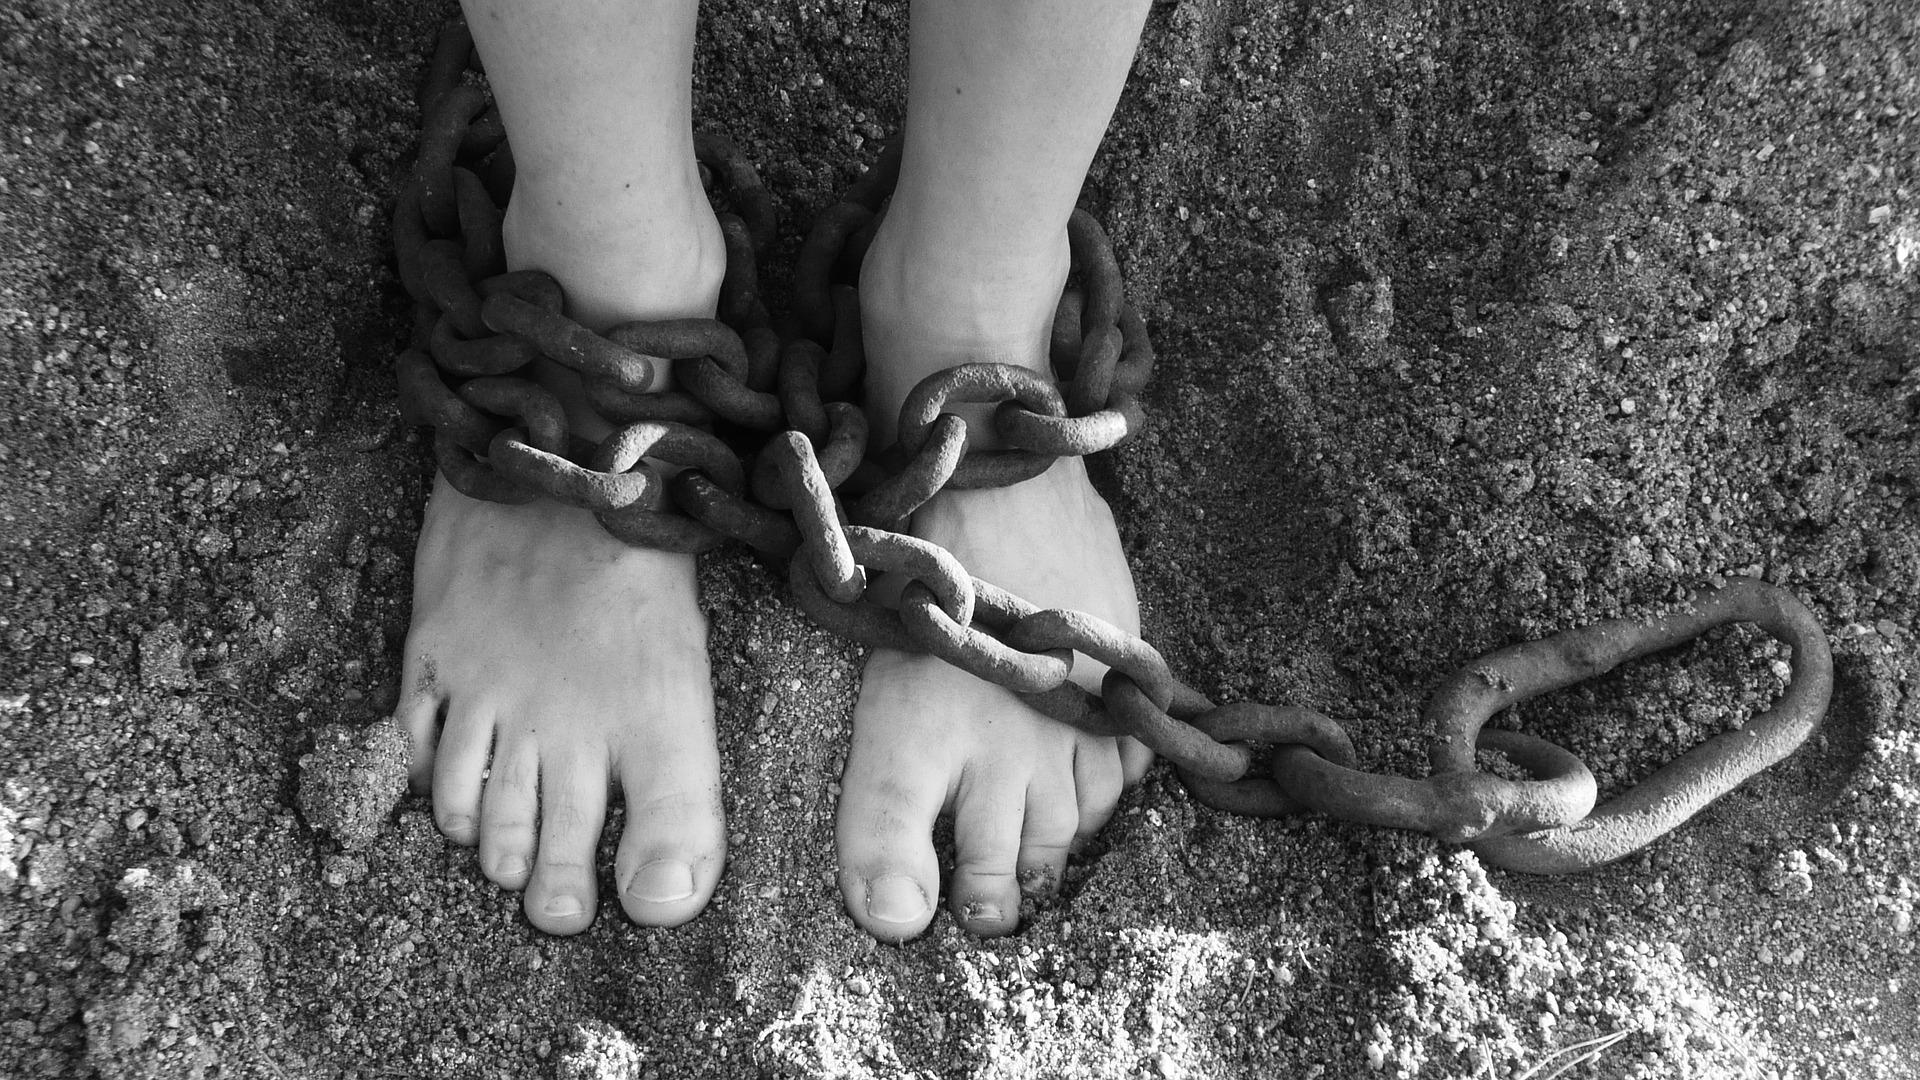 Padre tiene le figlie disabili prigioniere per 10 anni in casa: una di loro avrebbe avuto due bambini dopo le violenze